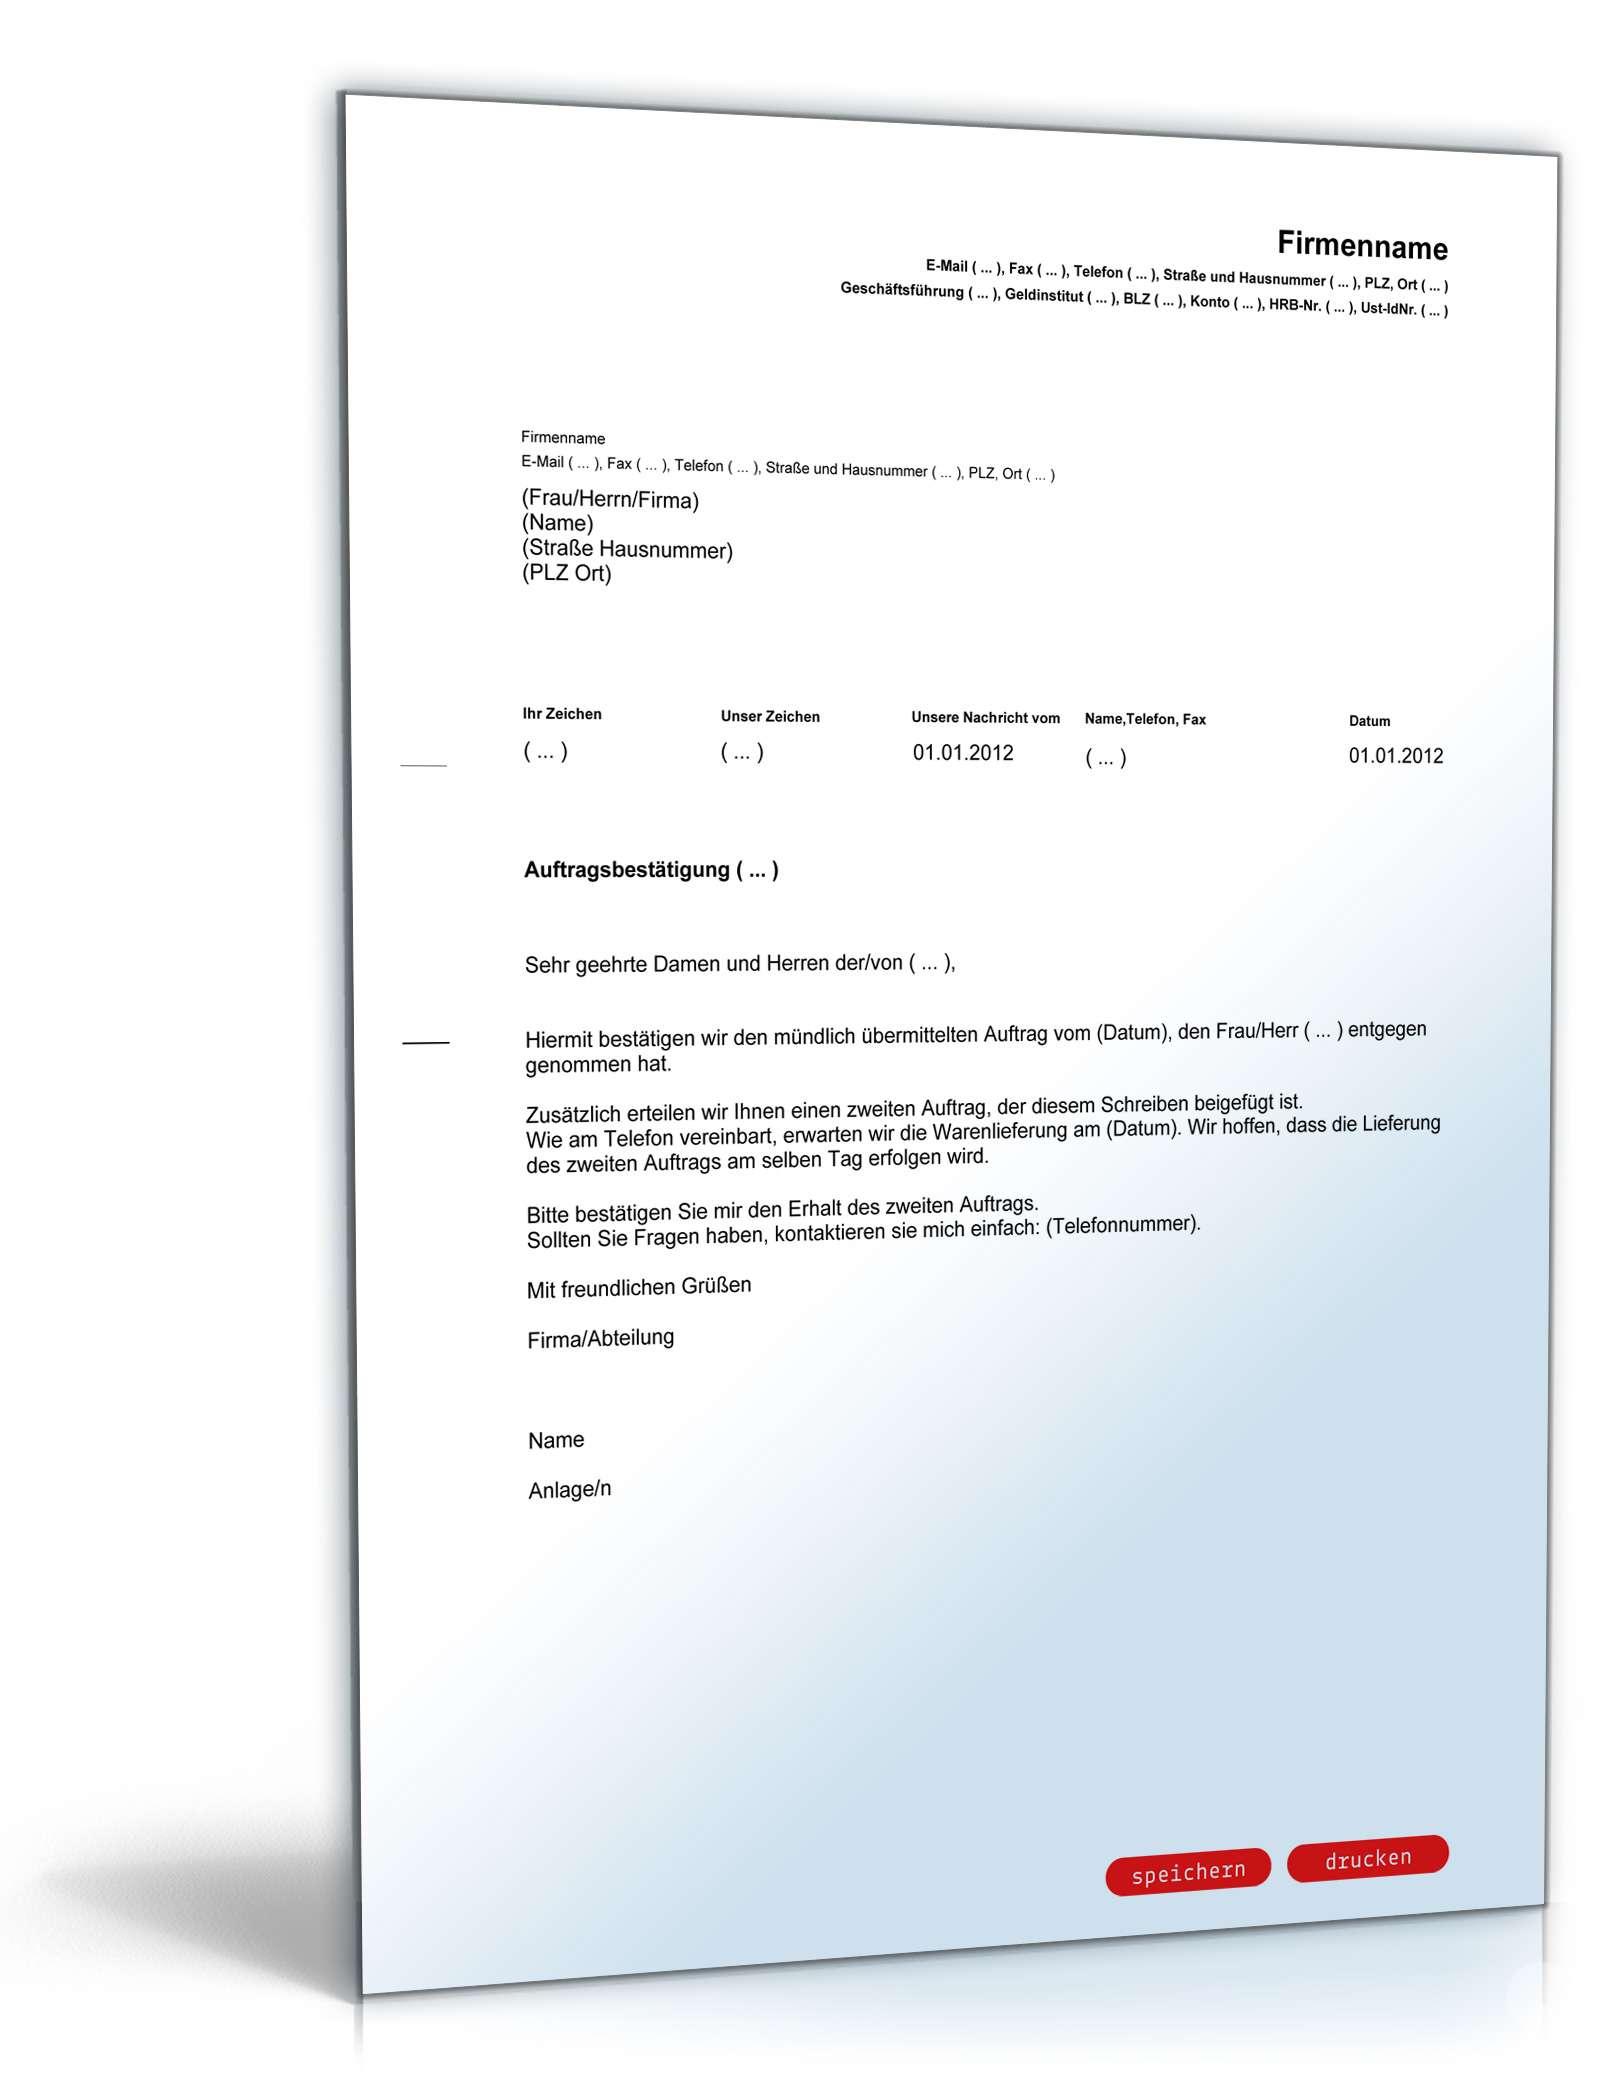 Auftragsbestätigung Englischdeutsch Vorlage Zum Download